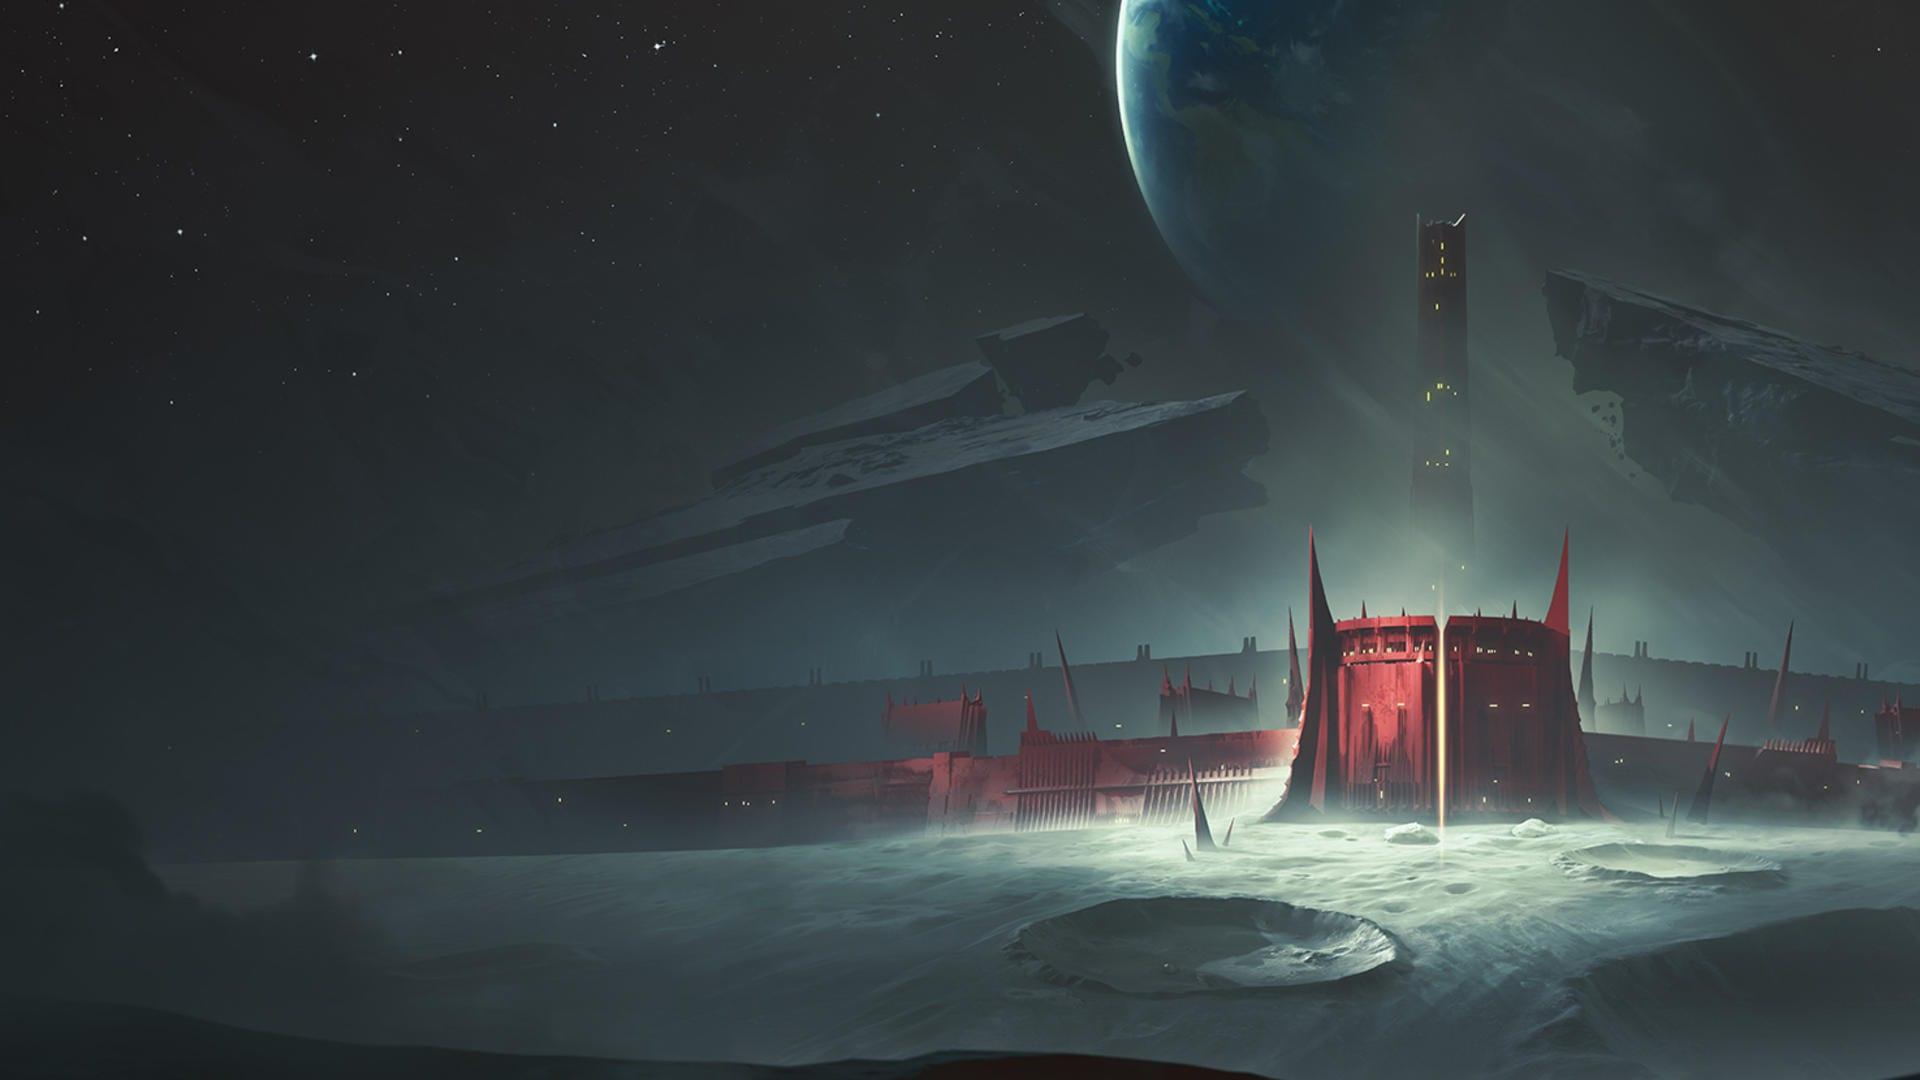 destiny 2, campaign order